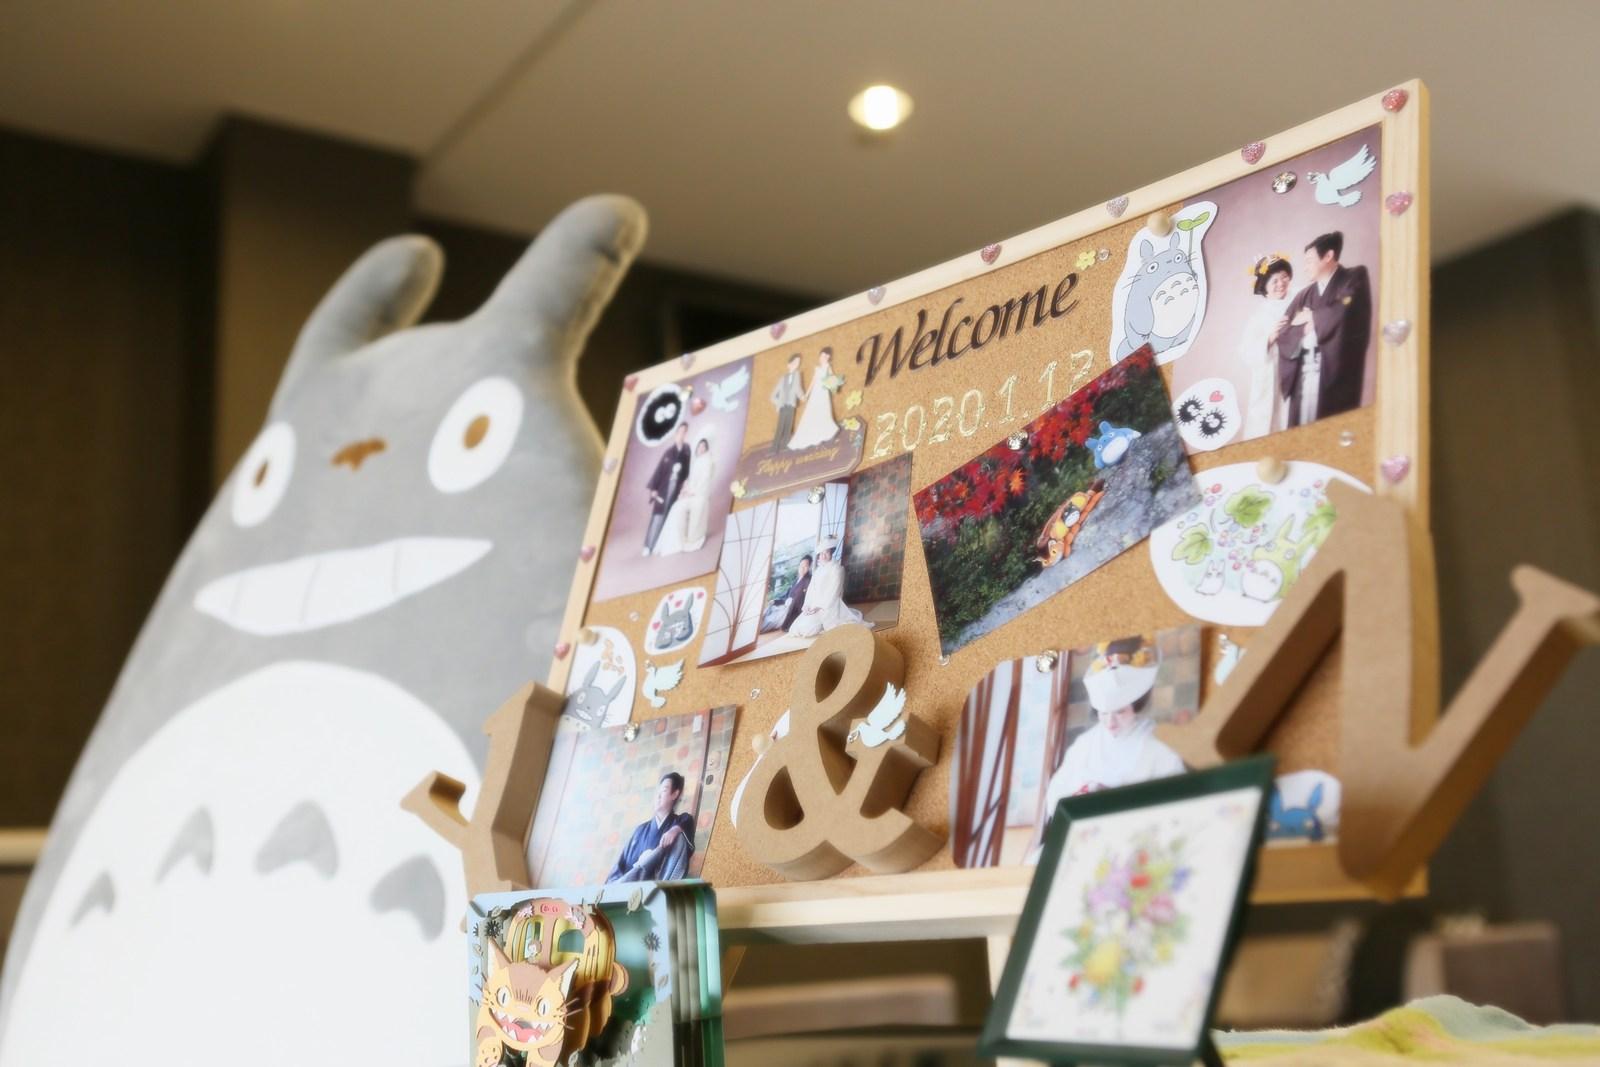 徳島市の結婚式場ブランアンジュで思い出の写真や大好きなトトロを飾ったウェルカムグッズ